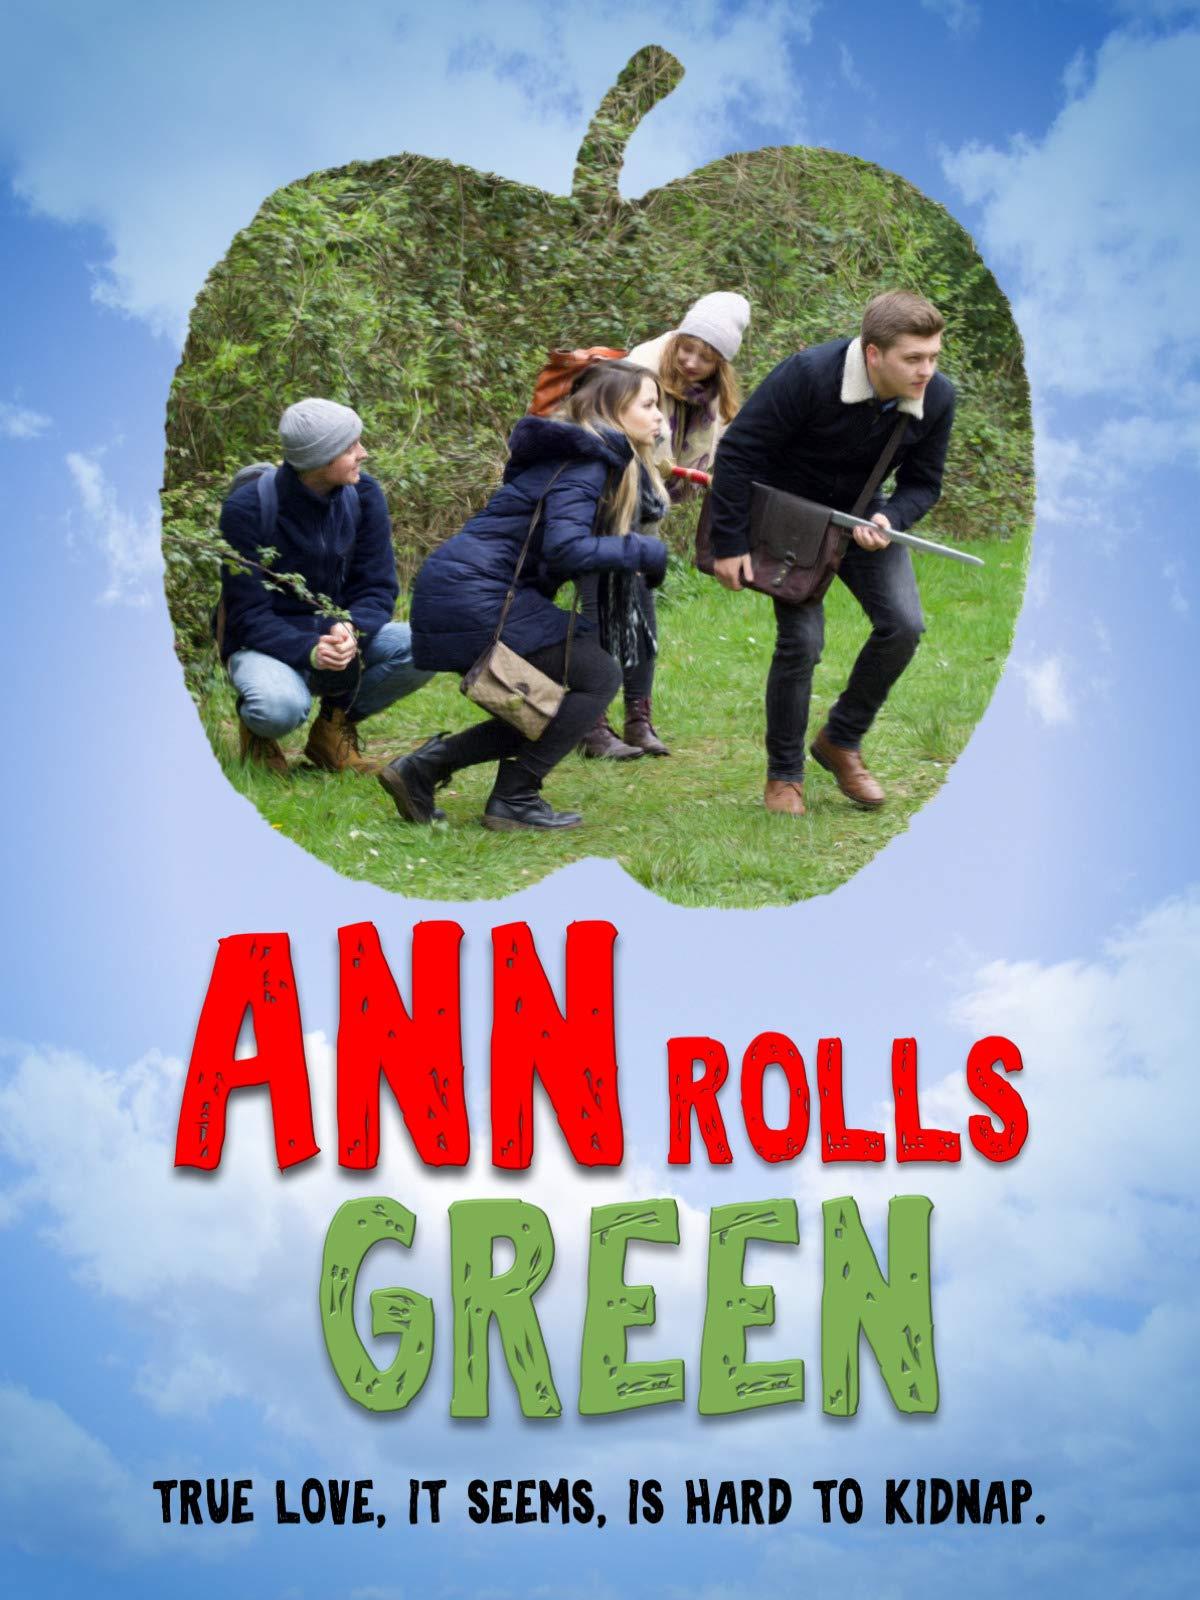 Ann Rolls Green